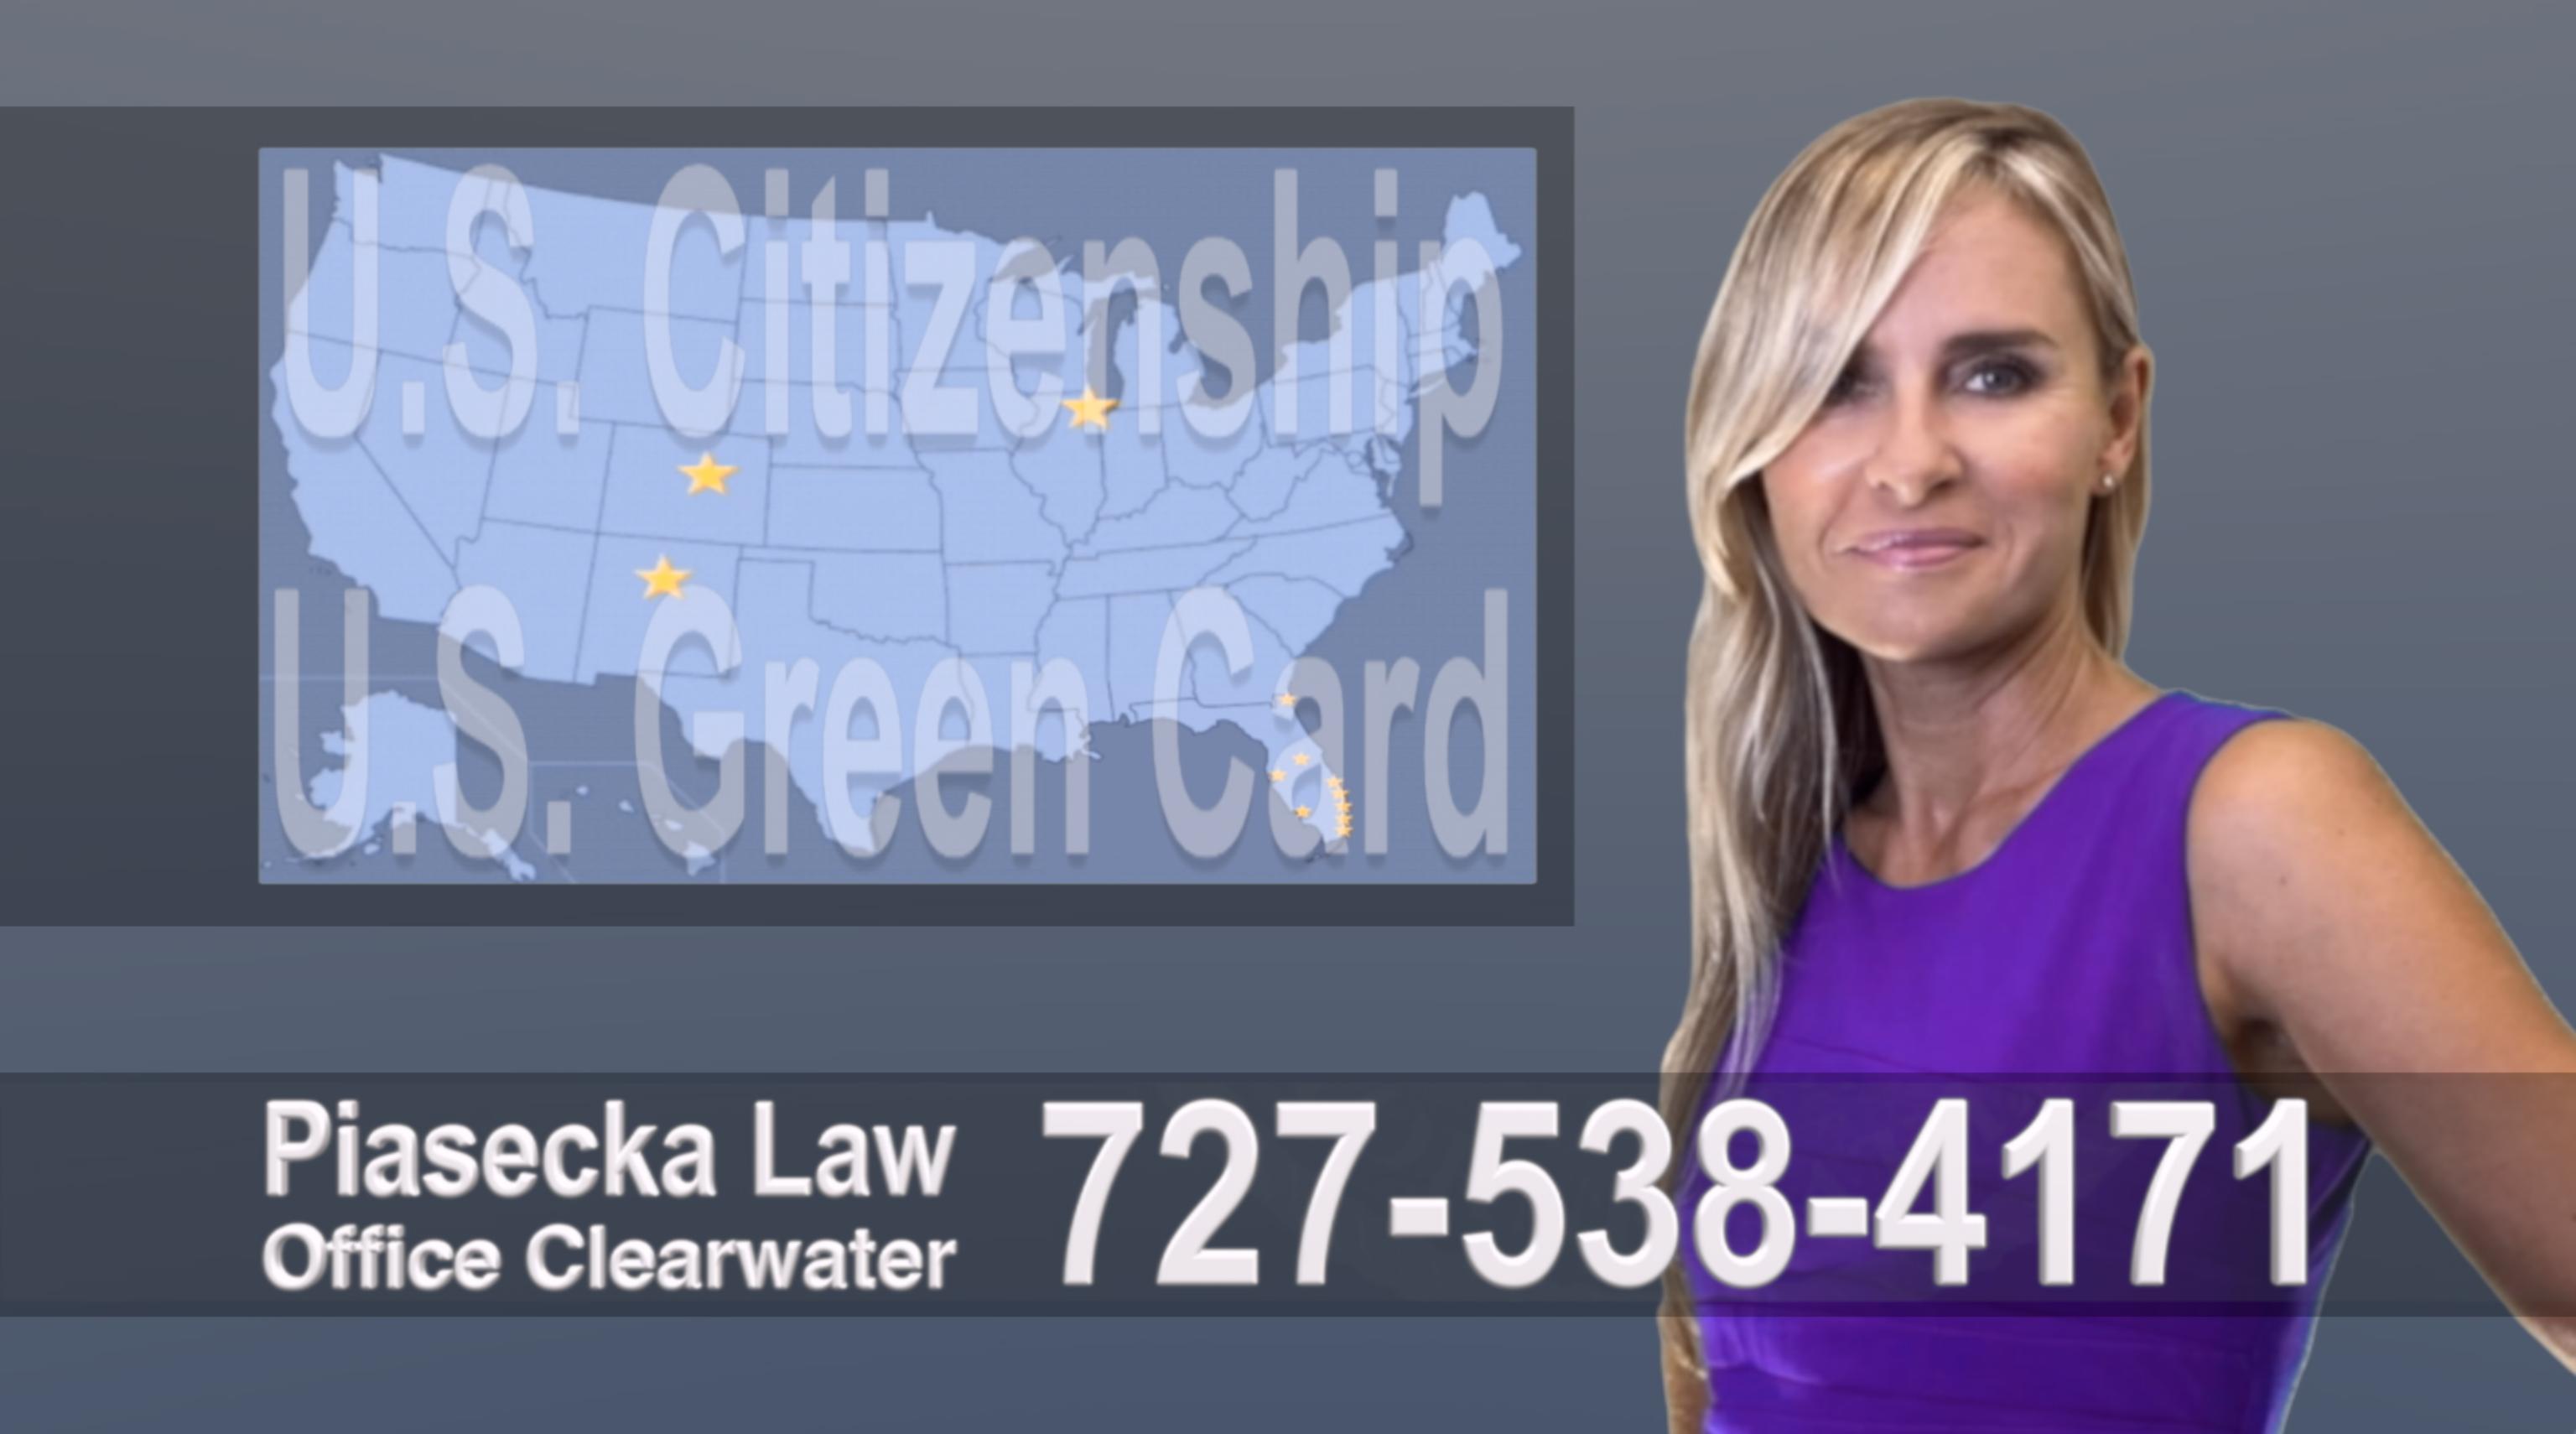 Polish Immigration Attorney Polish, Lawyer, Attorney, Tampa, Immigration, Immigration Law, Green Card, Citizenship, Prawo Imigracyjne, Zielona Karta, Obywatelstwo, Polscy, Prawnicy